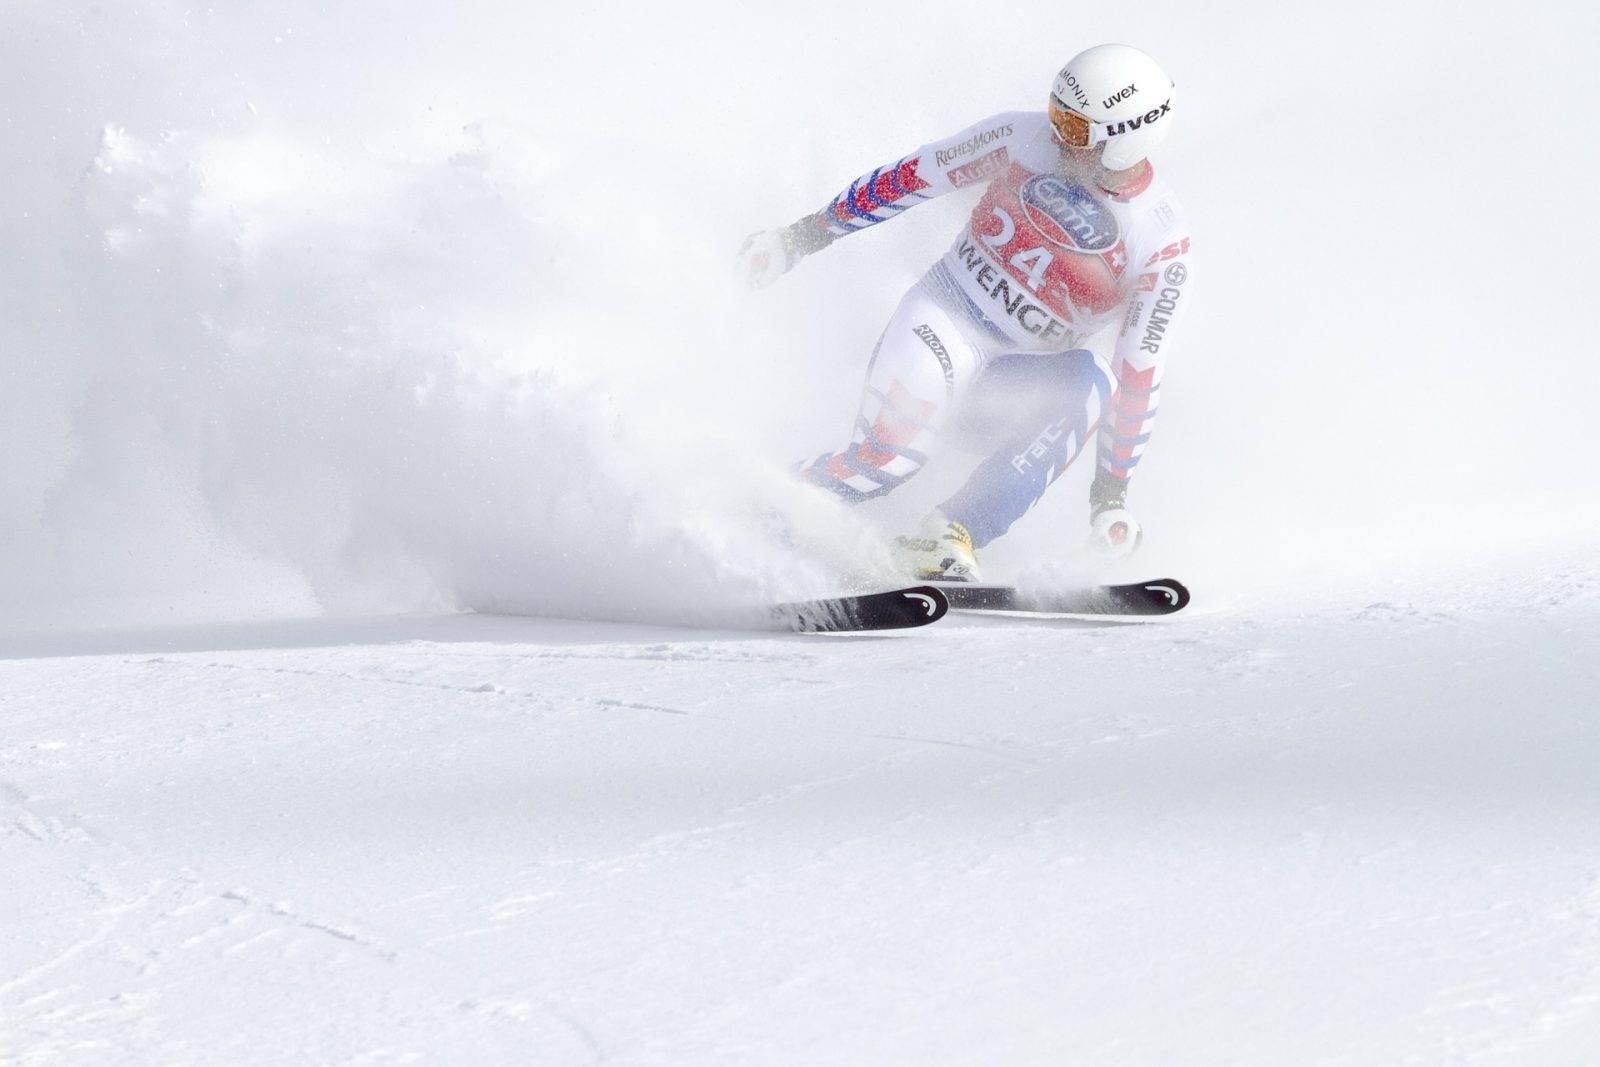 imagen de un deportista esquiando en Argentina en verano